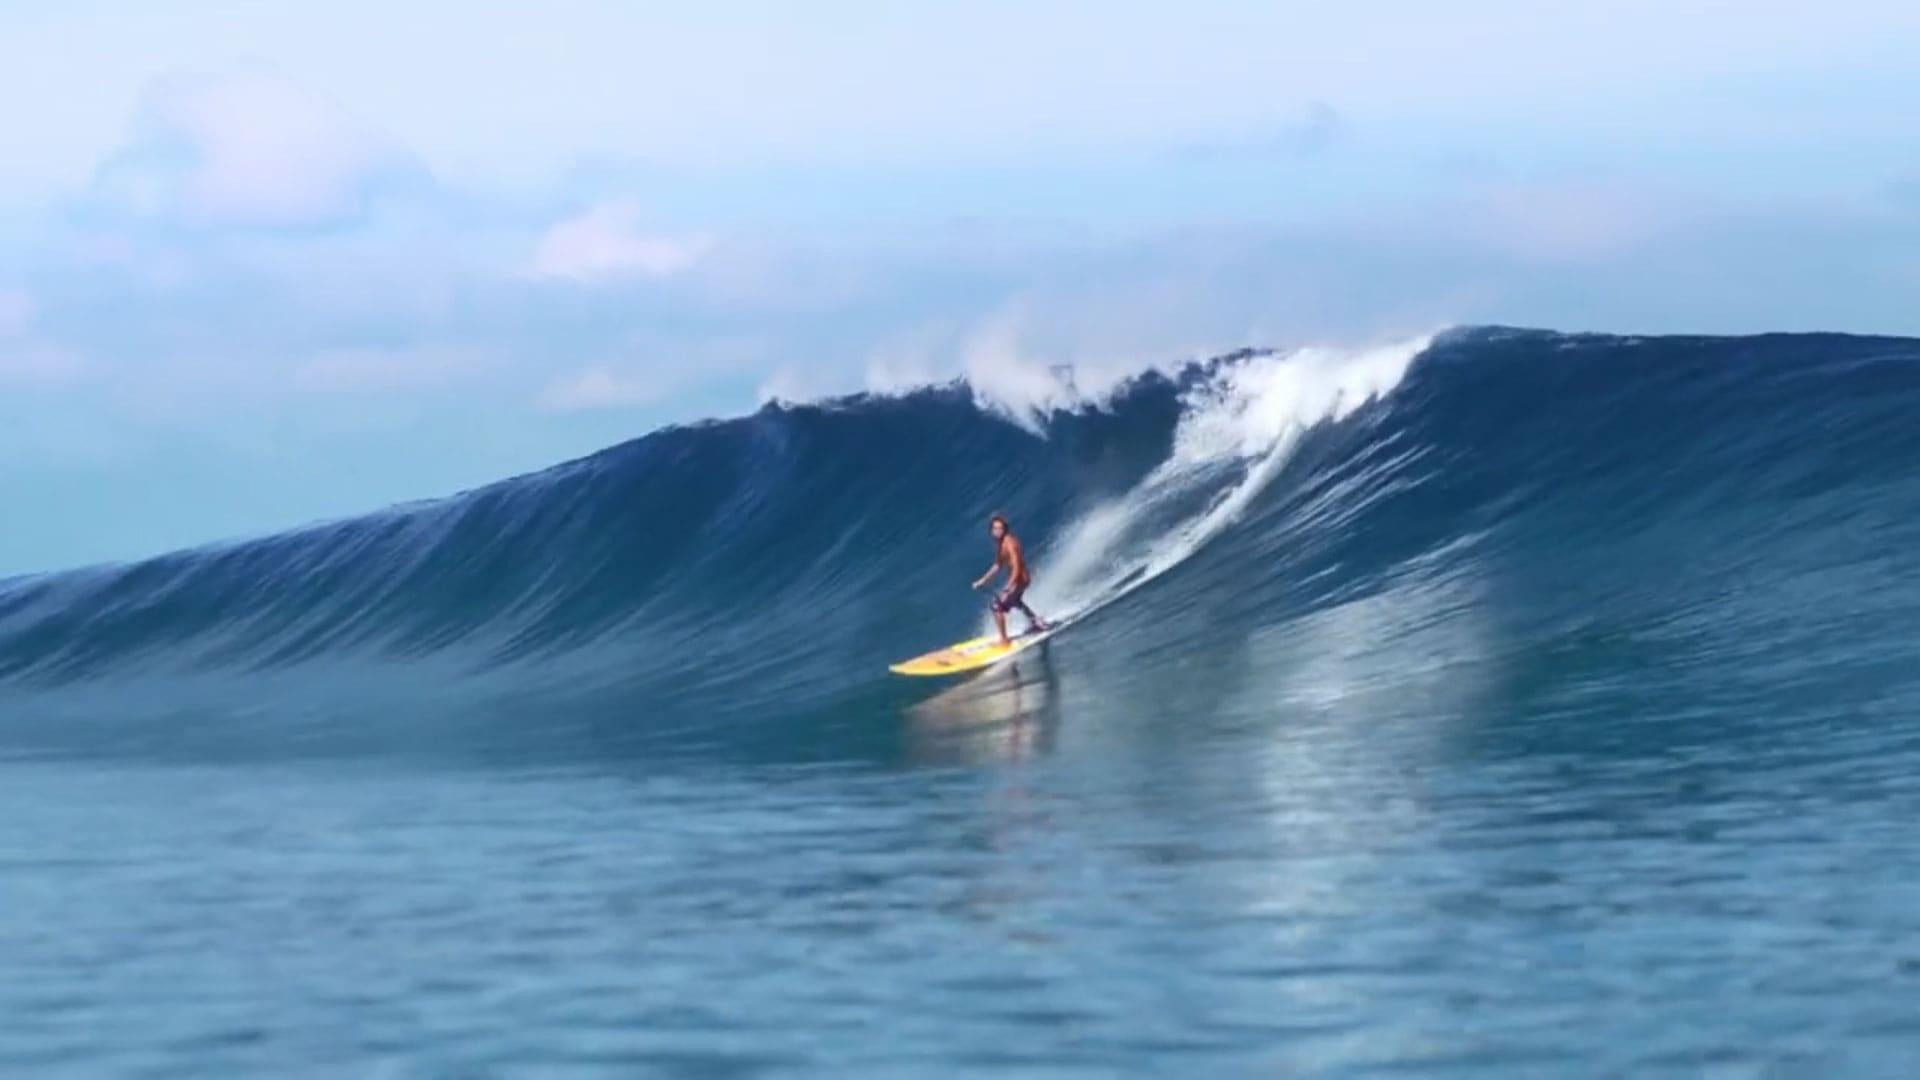 First Hawaiian Bank - Kai Lenny, Tahiti